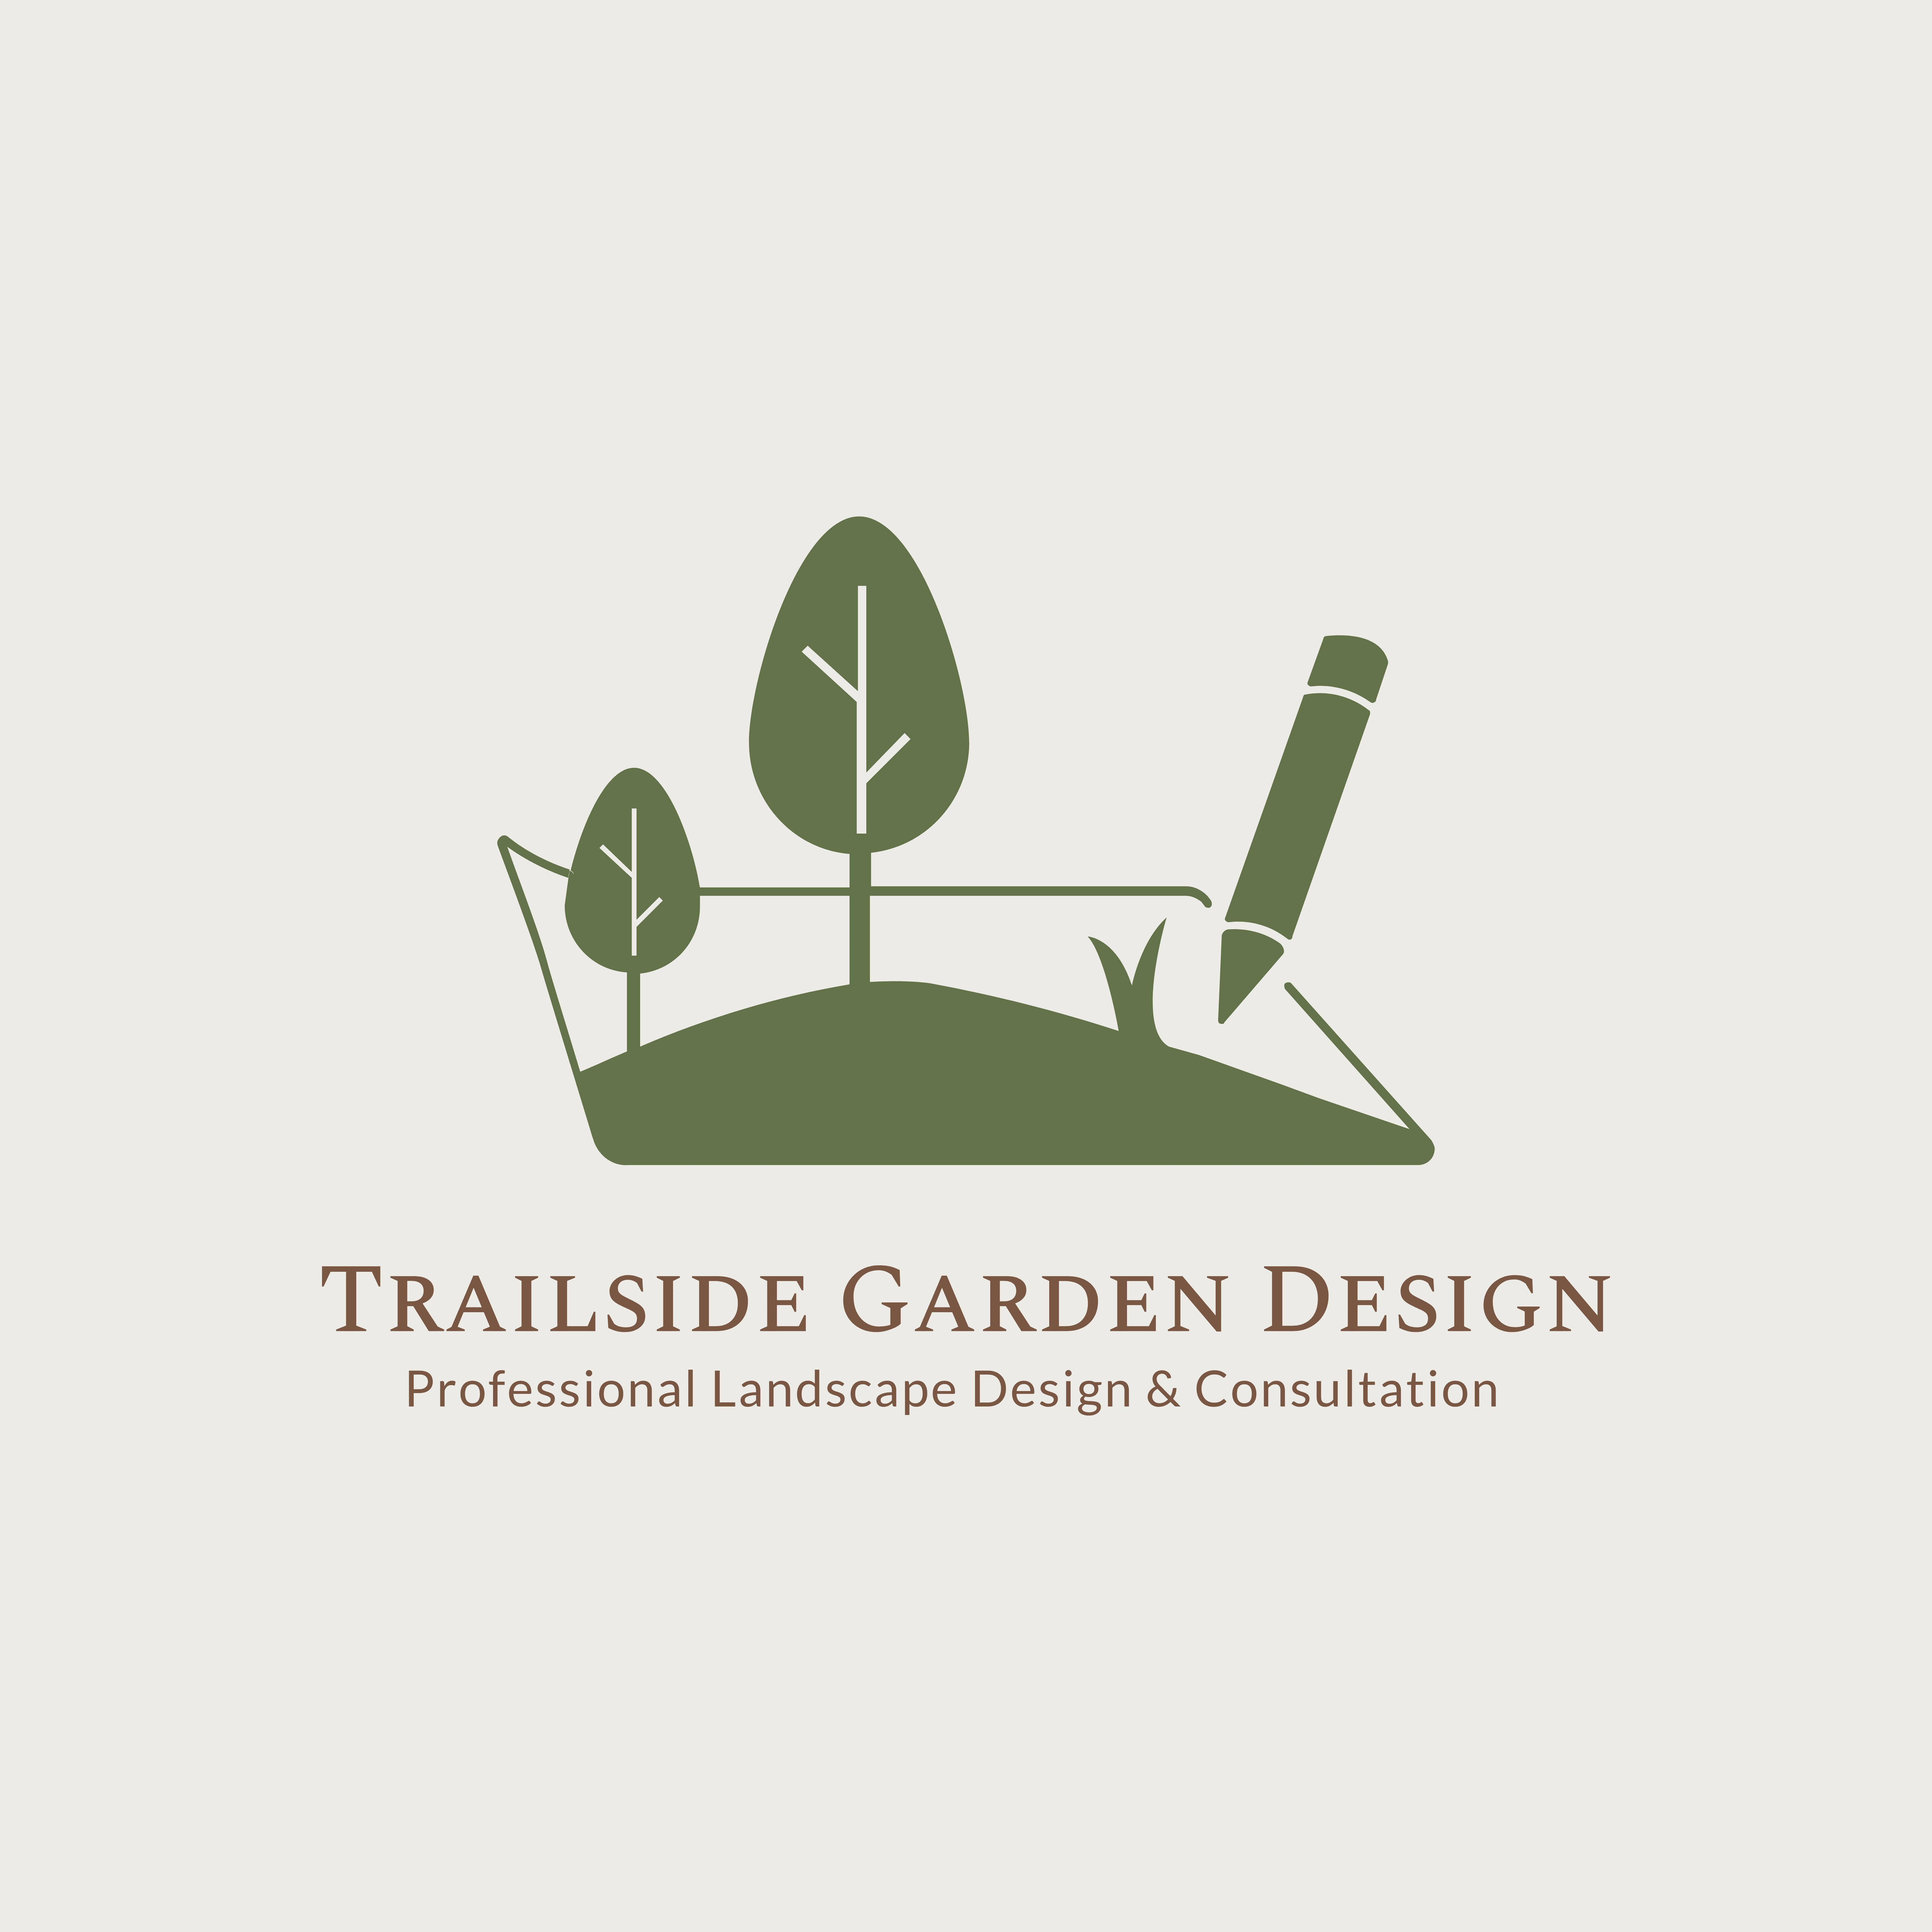 Trailside Garden Design